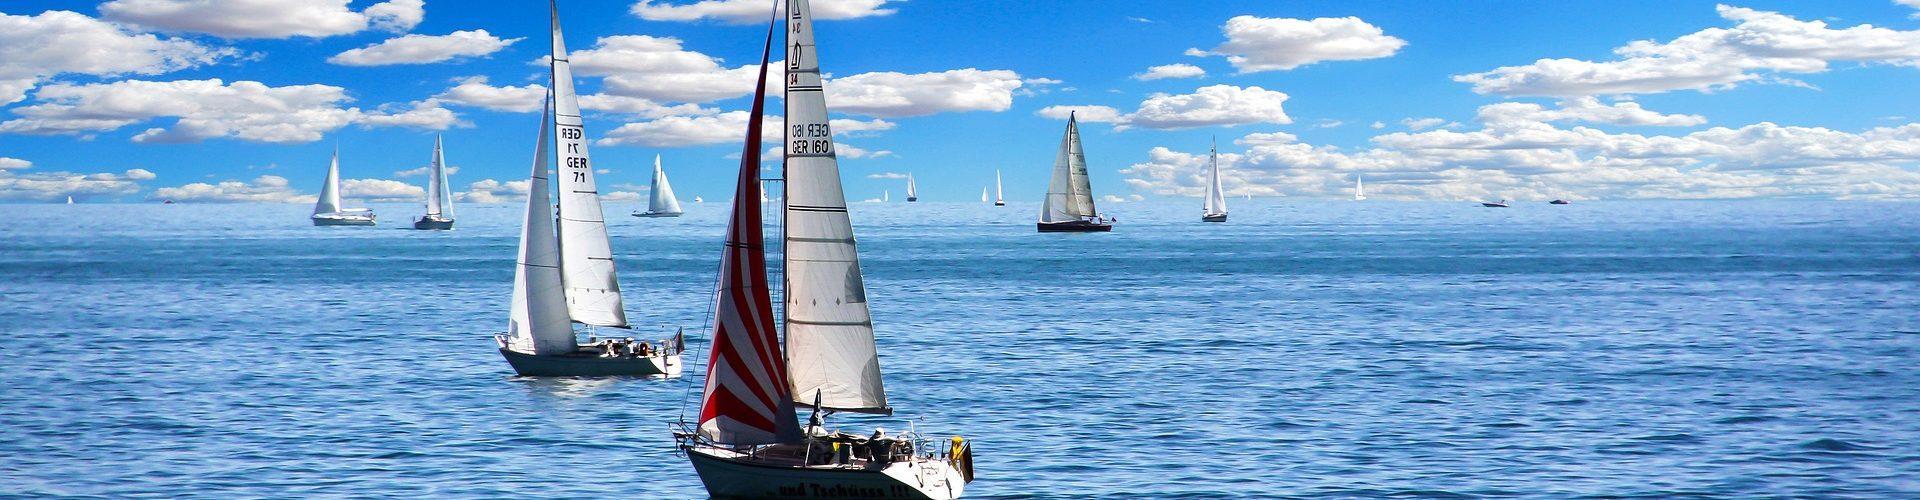 segeln lernen in Blossin segelschein machen in Blossin 1920x500 - Segeln lernen in Blossin